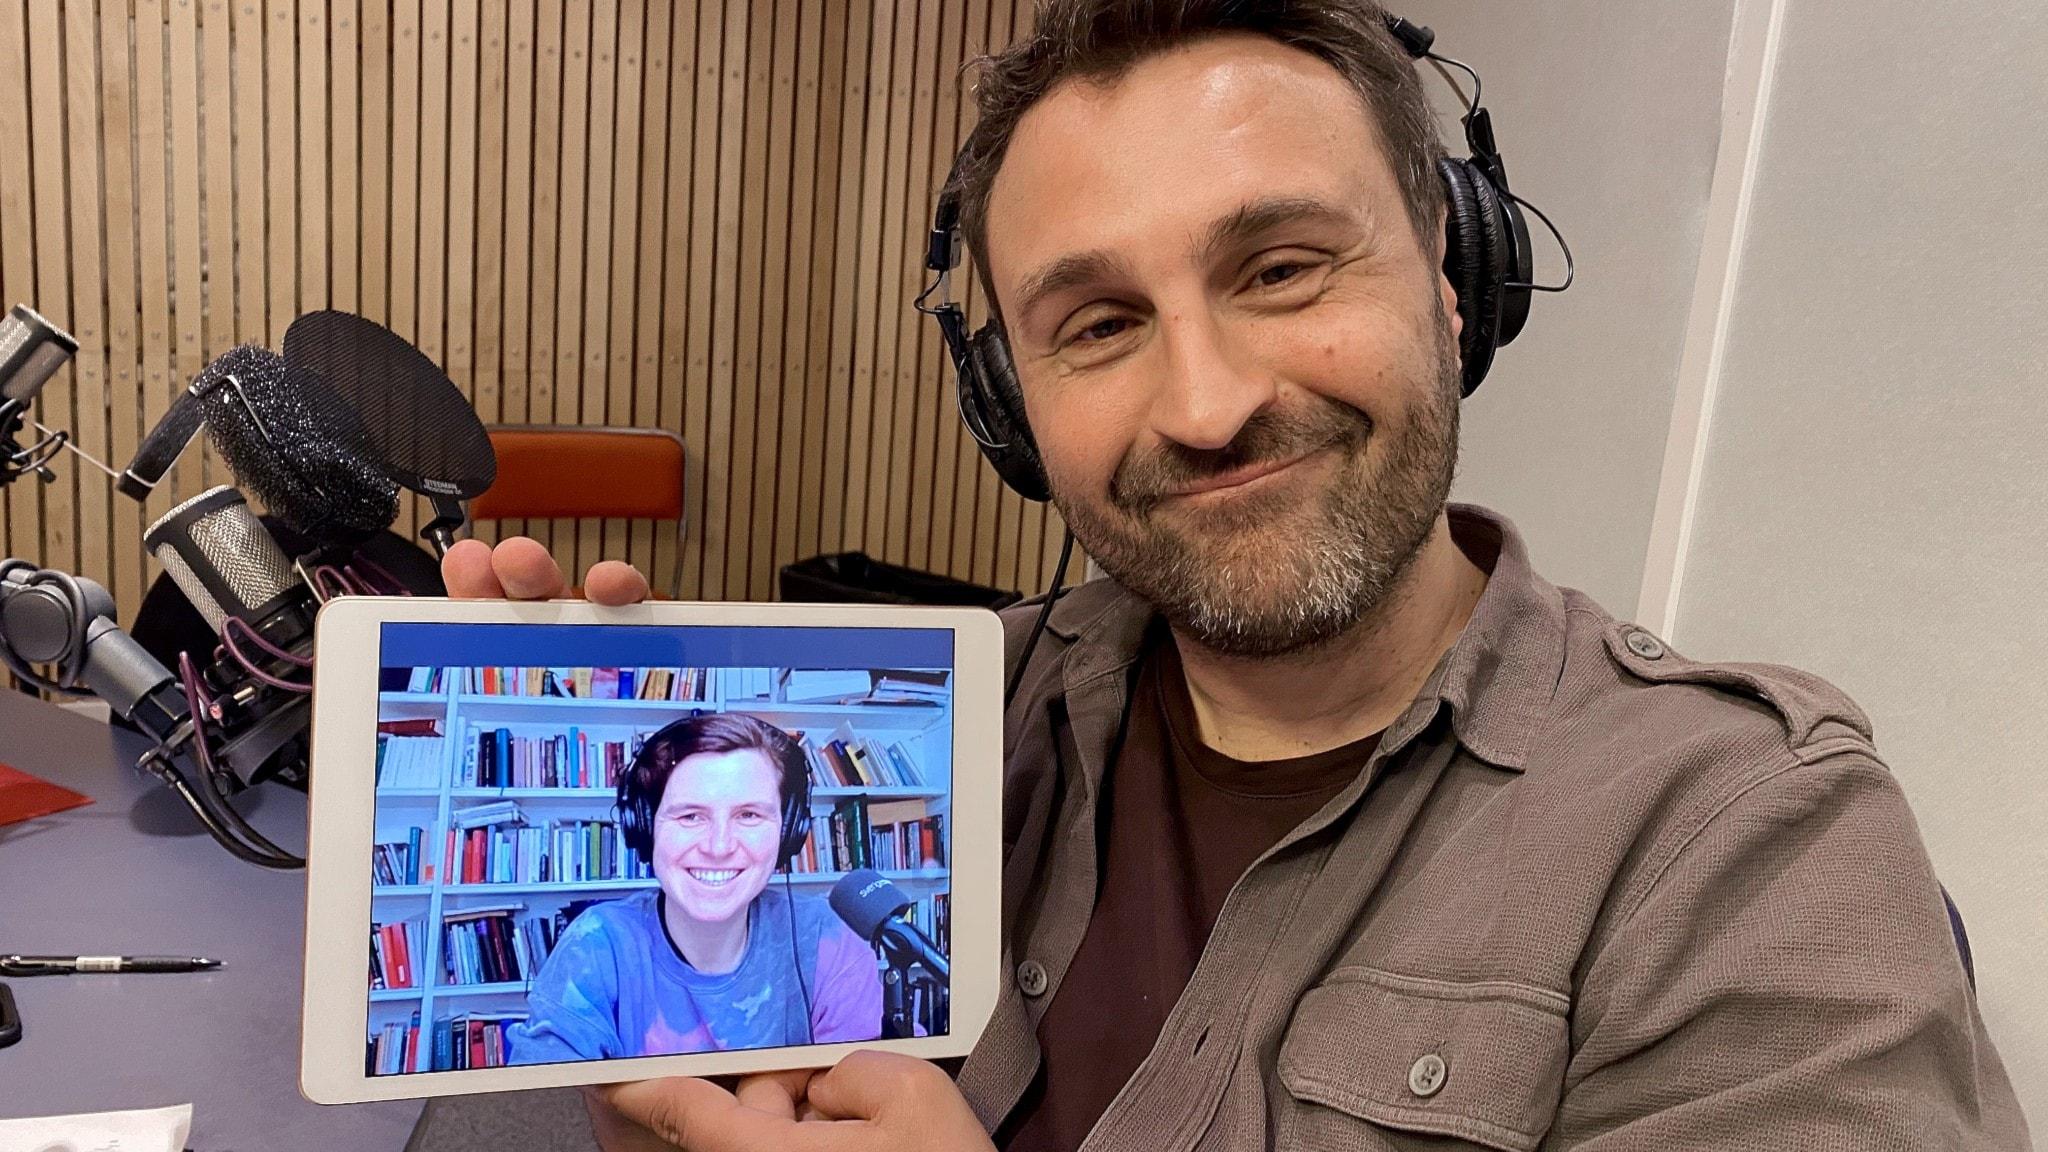 Johar Bendjelloul håller en läsplatta i handen där Judith Schalansky syns på bild uppkopplad från Berlin.